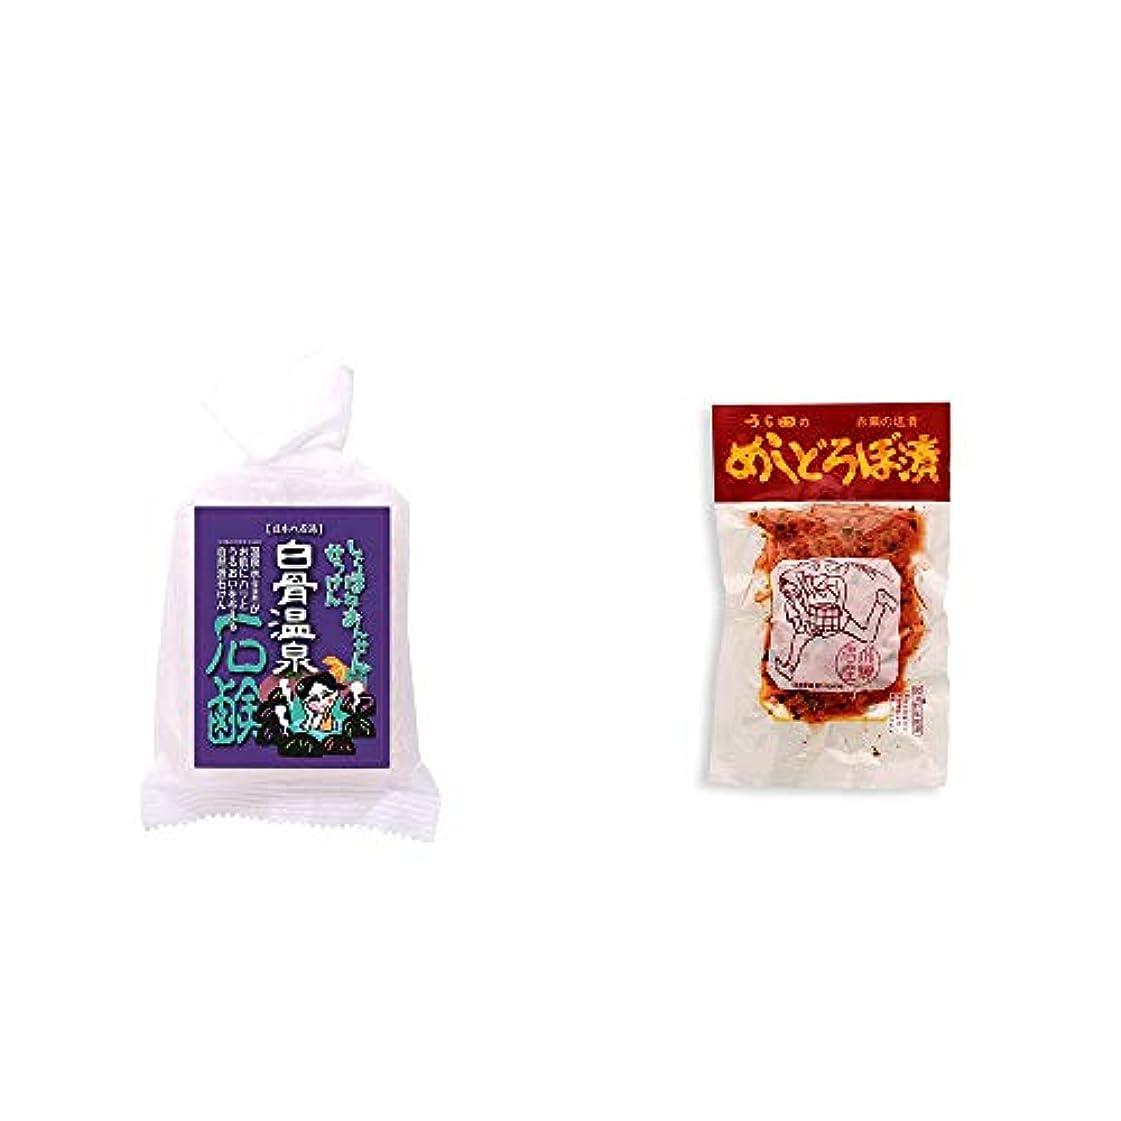 繊維杭回転させる[2点セット] 信州 白骨温泉石鹸(80g)?うら田 めしどろぼ漬(180g)